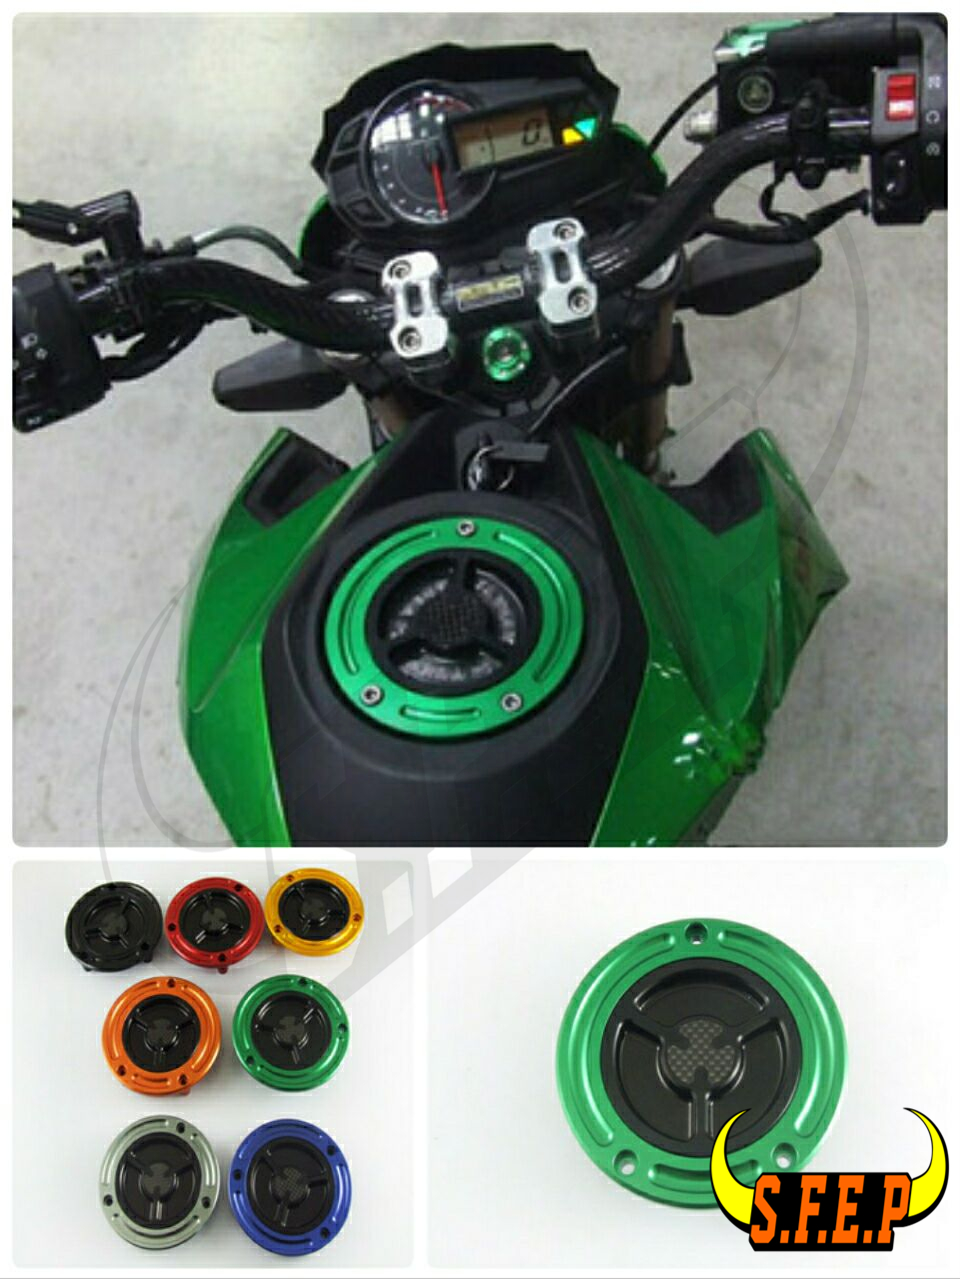 Moto Carburant Bouchon Du Réservoir De Gaz En Fiber De Carbone Inlay Essence Cove Pour Kawasaki Z125 Z750 Z800 Z1000 ZX6R ZX10R Ninja250/300